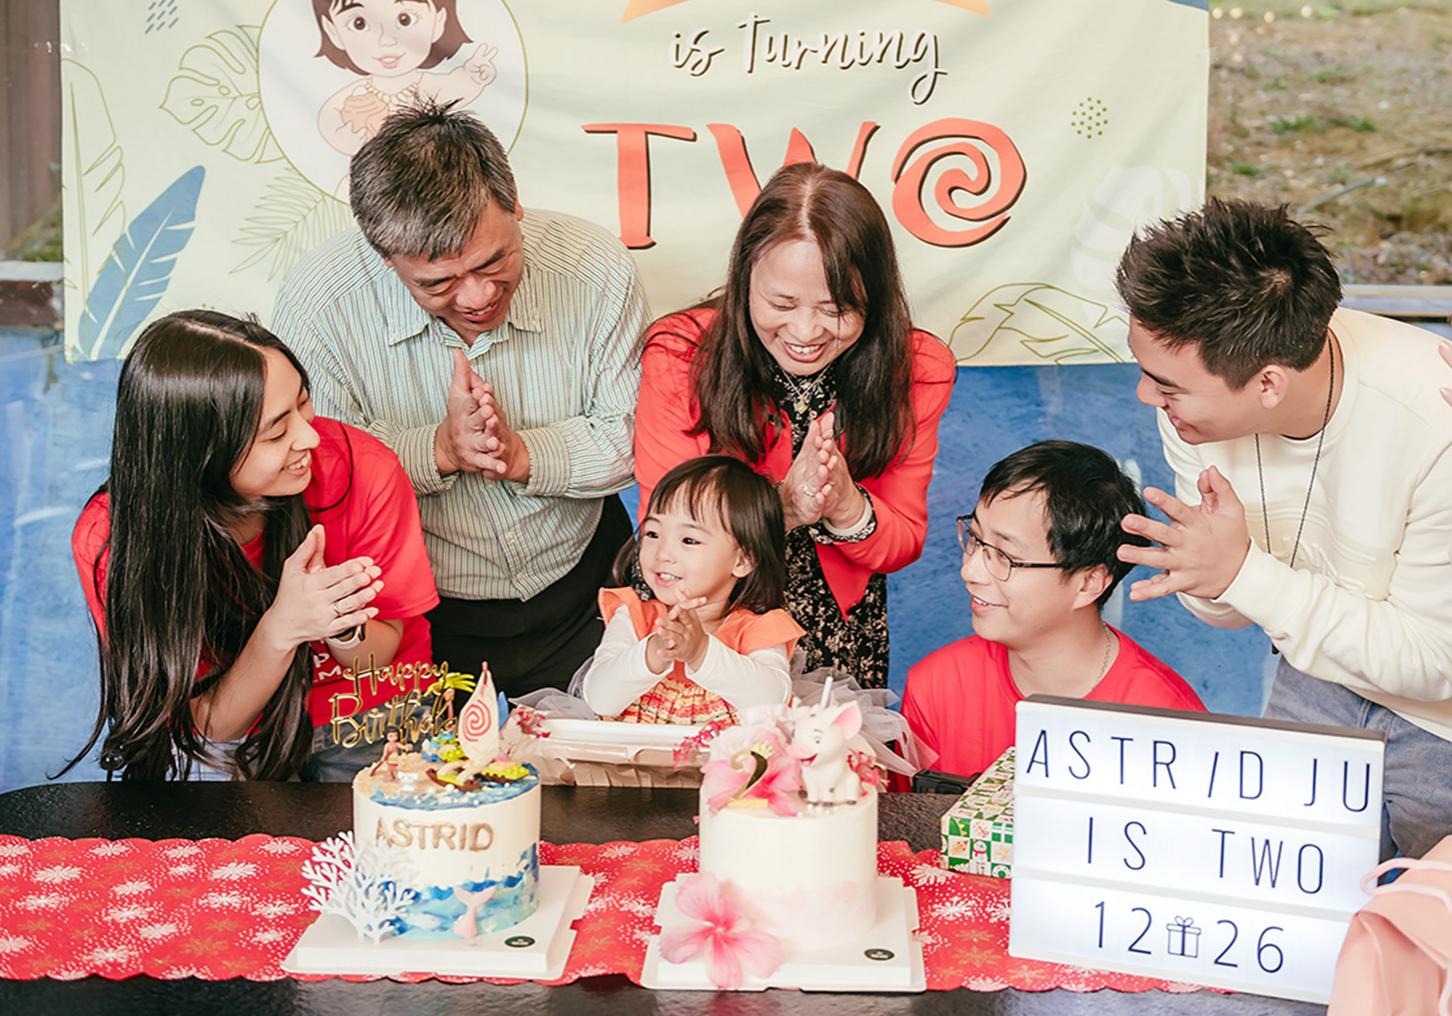 幸福的小壽星 家族聚會 生日慶生攝影 生日派對攝影 家族聚會紀錄 許願